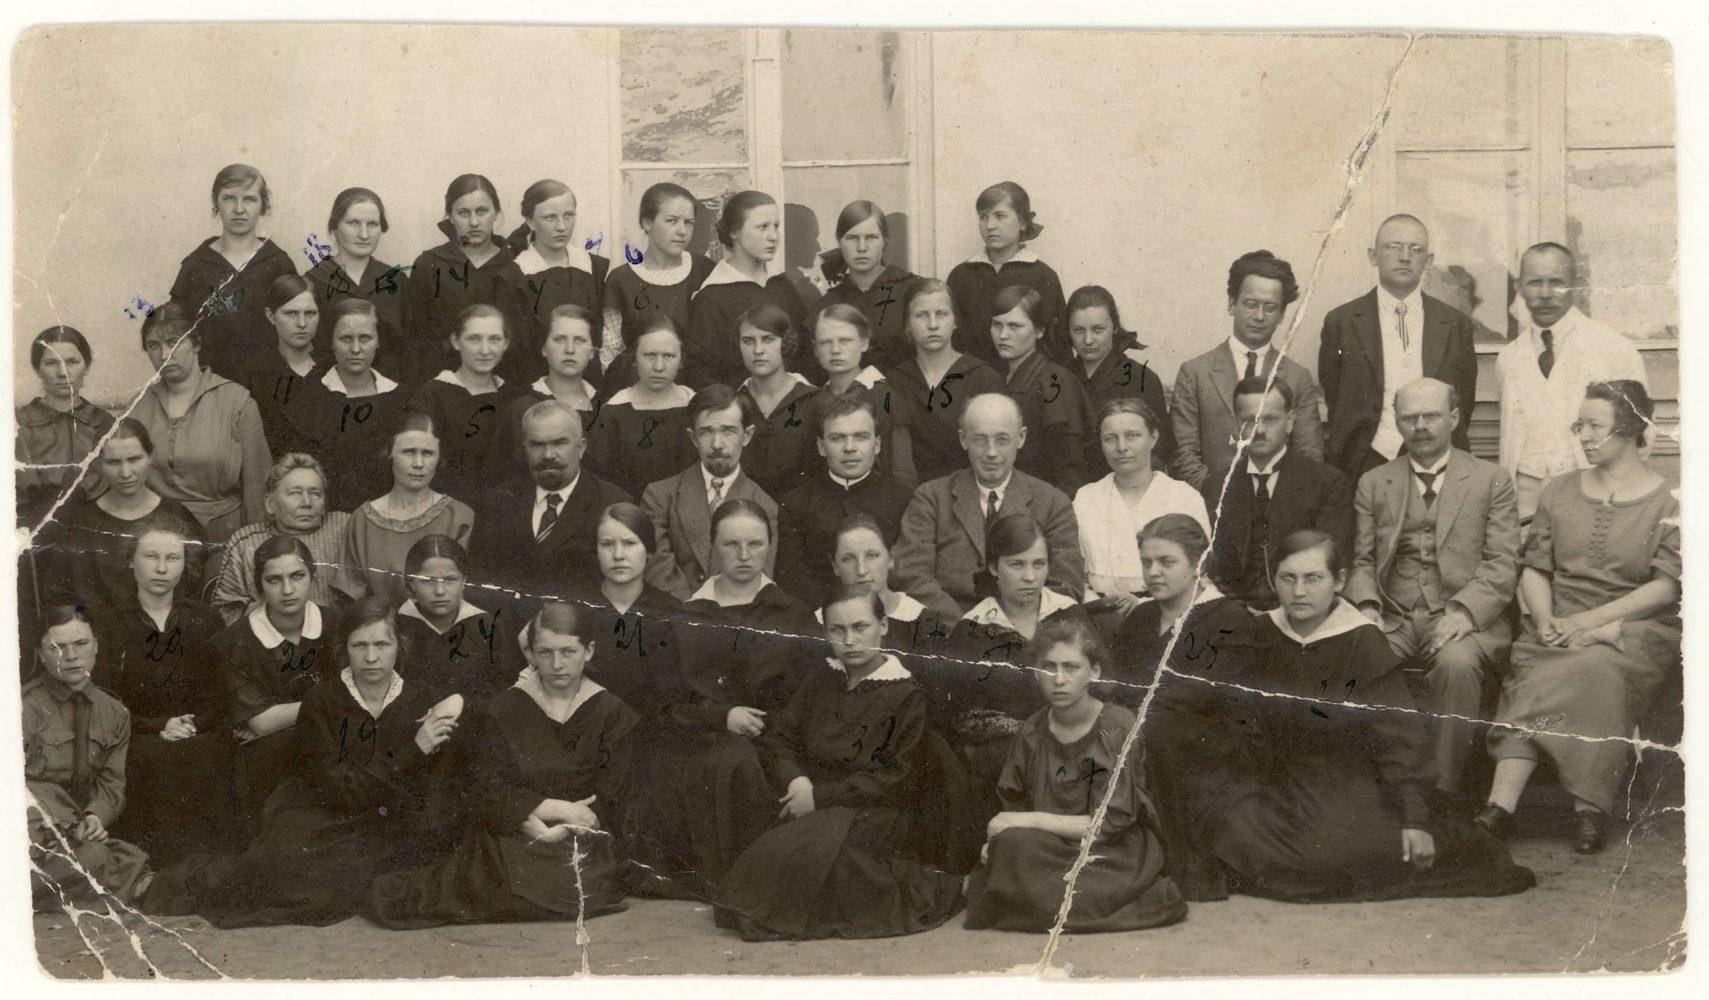 Panevėžio valstybinės gimnazijos VII klasės moksleivės su pedagogais. Mokytojų eilėje 2-a iš kairės Gabrielė Petkevičaitė-Bitė, Marija Giedraitienė, Jonas Yčas, Matas Grigonis, Juozapas Ruškys, Julijonas Lindė-Dobilas, F. Neimanytė, H. Huberas, Karolis Kliuksinas, Lichšteinienė; 3-ioje eilėje iš dešinės: Juozas Zikaras, Venantas Morkūnas, Jonas Sokolovas. Panevėžys, 1924.06.13. PAVB F35-43